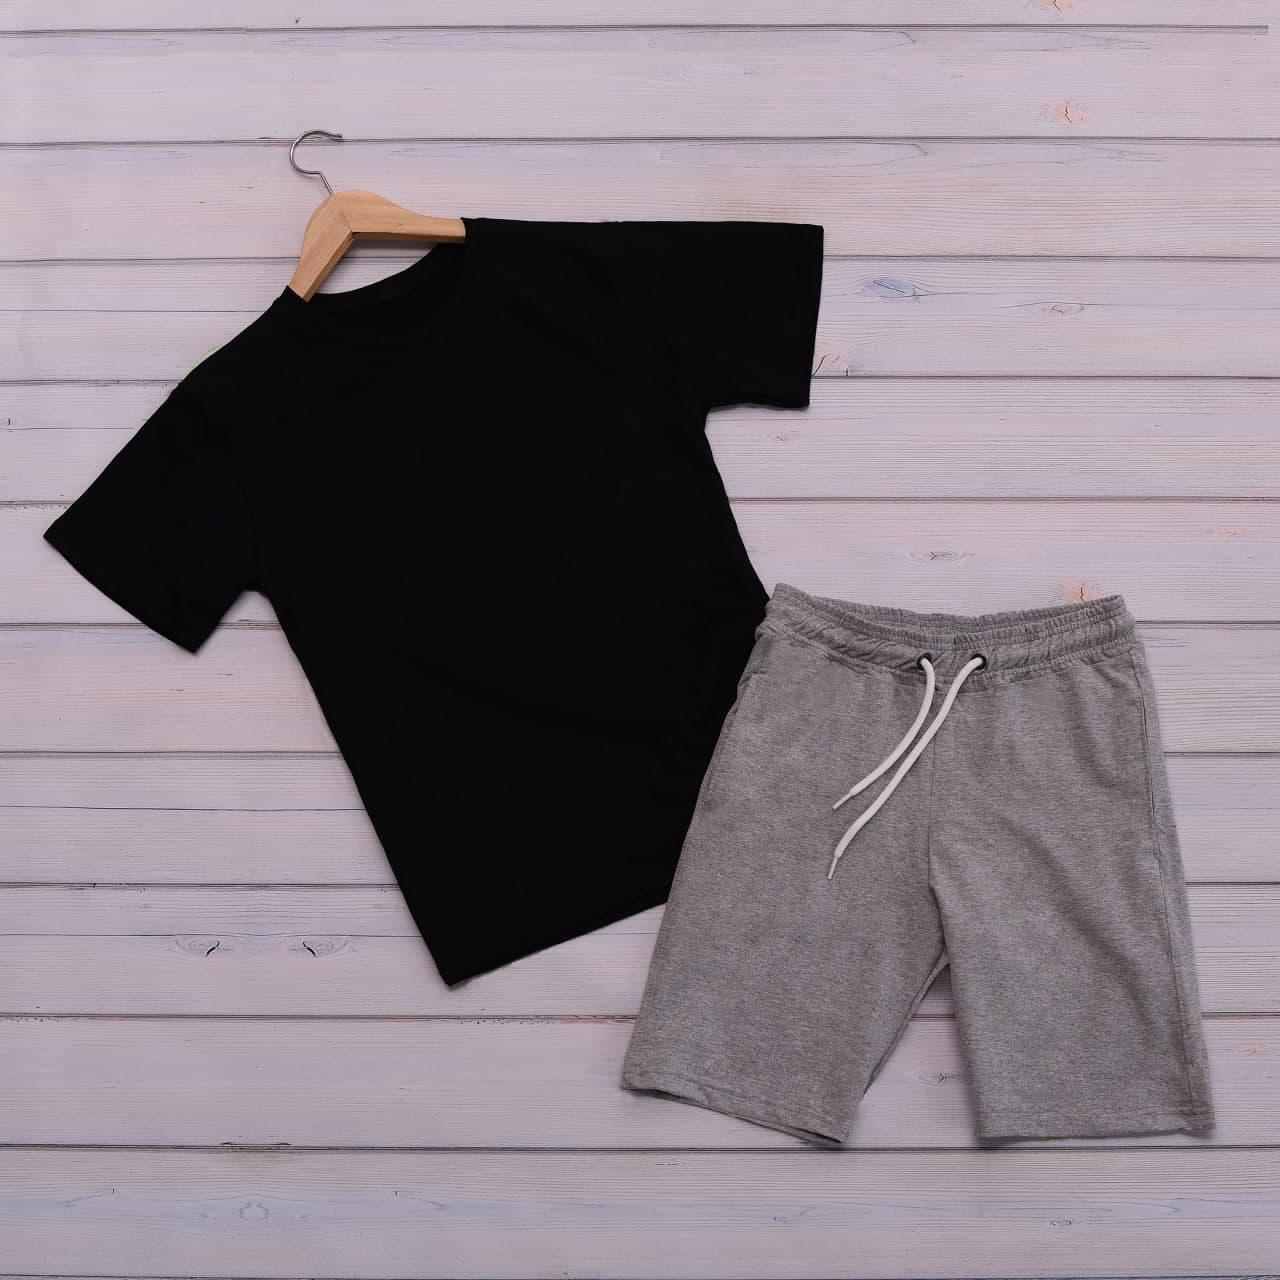 Чоловічий річний комплект футболка шорти, літній чоловічий спортивний костюм, комплект чоловічий повсякденний